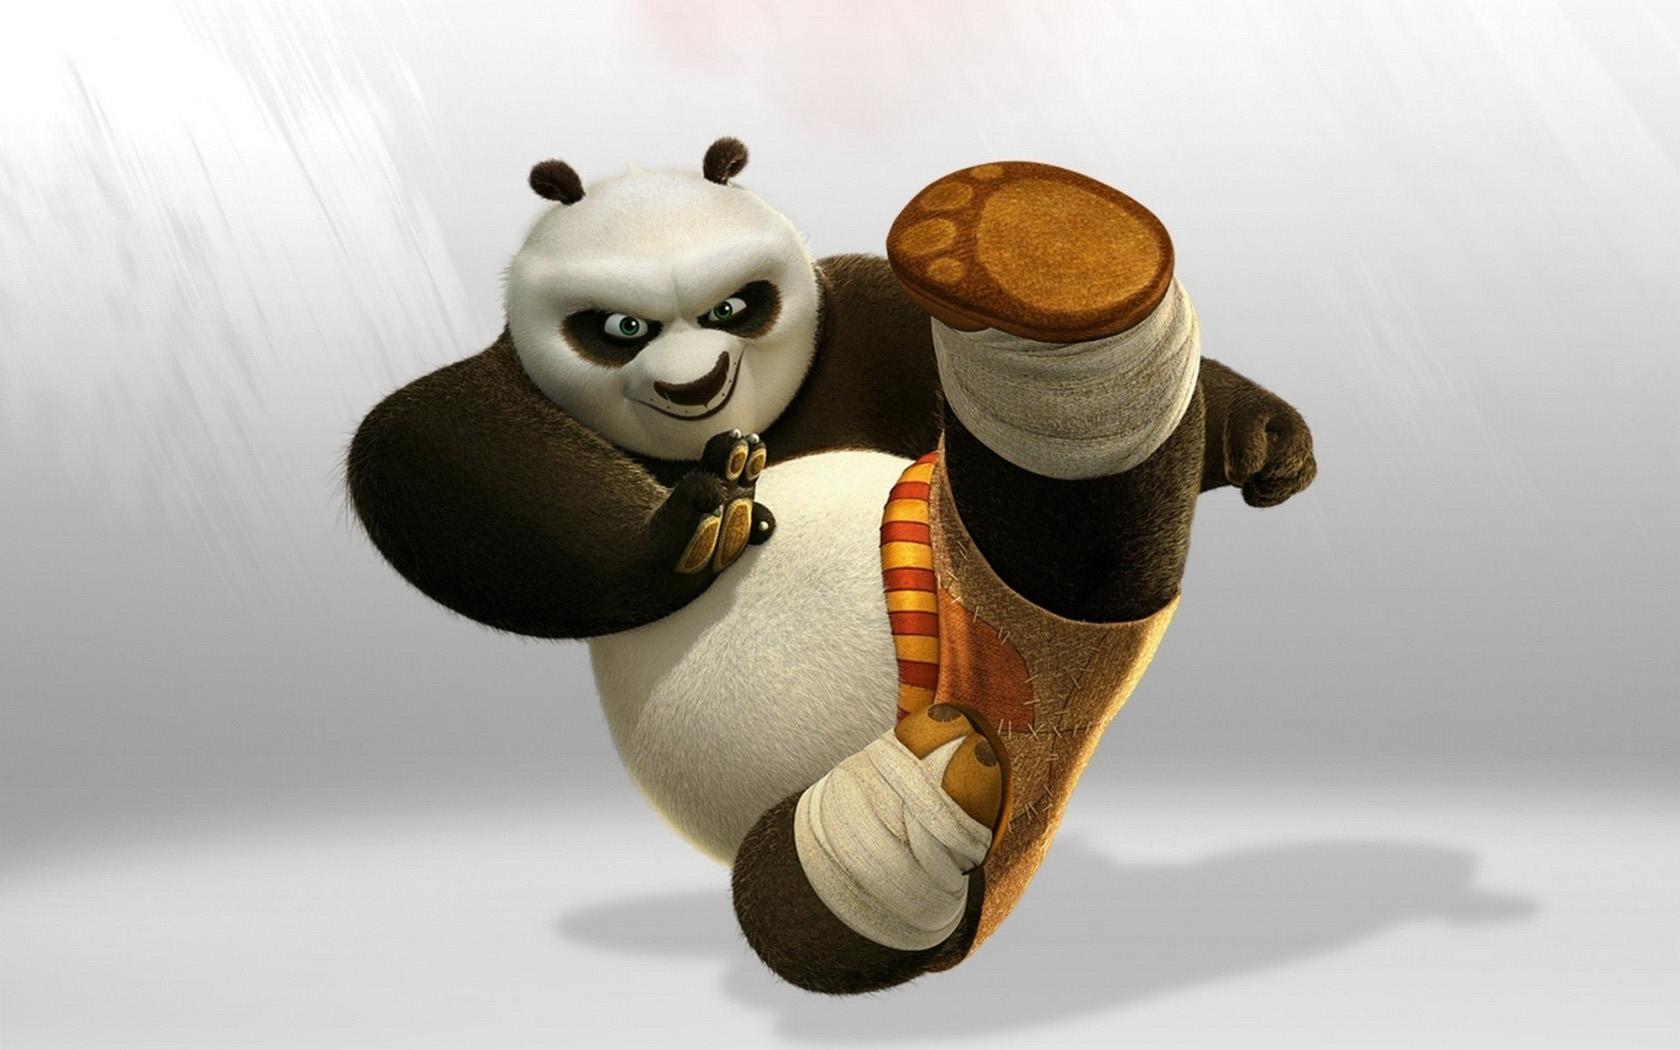 Картинки, картинки кунфу панда приколы